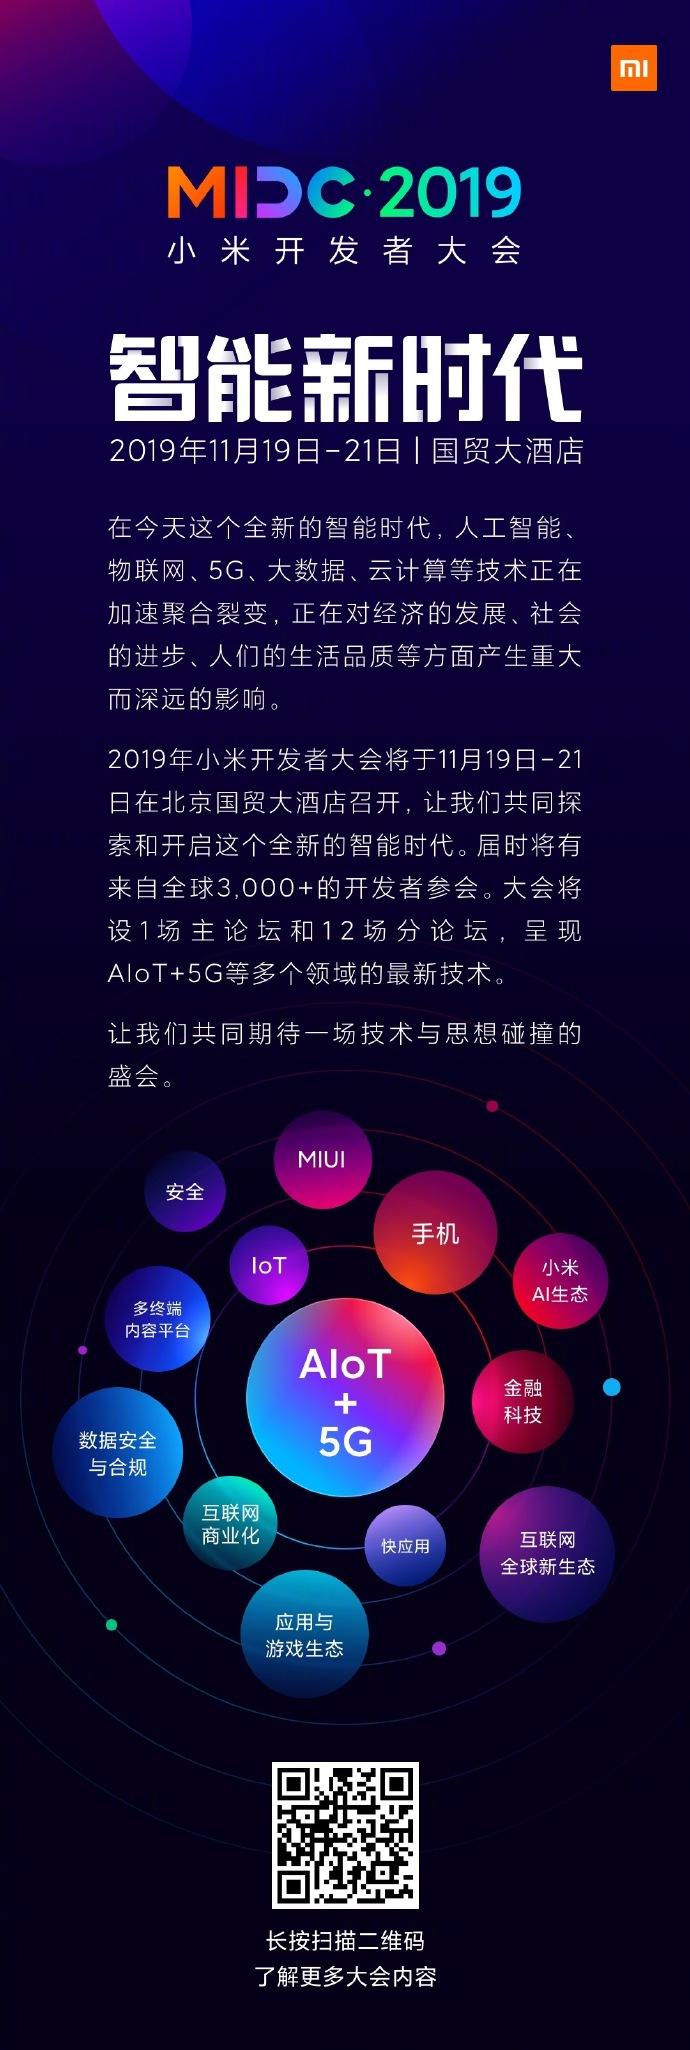 小米将召开全球开发者大会 正式宣布小爱同学3.0